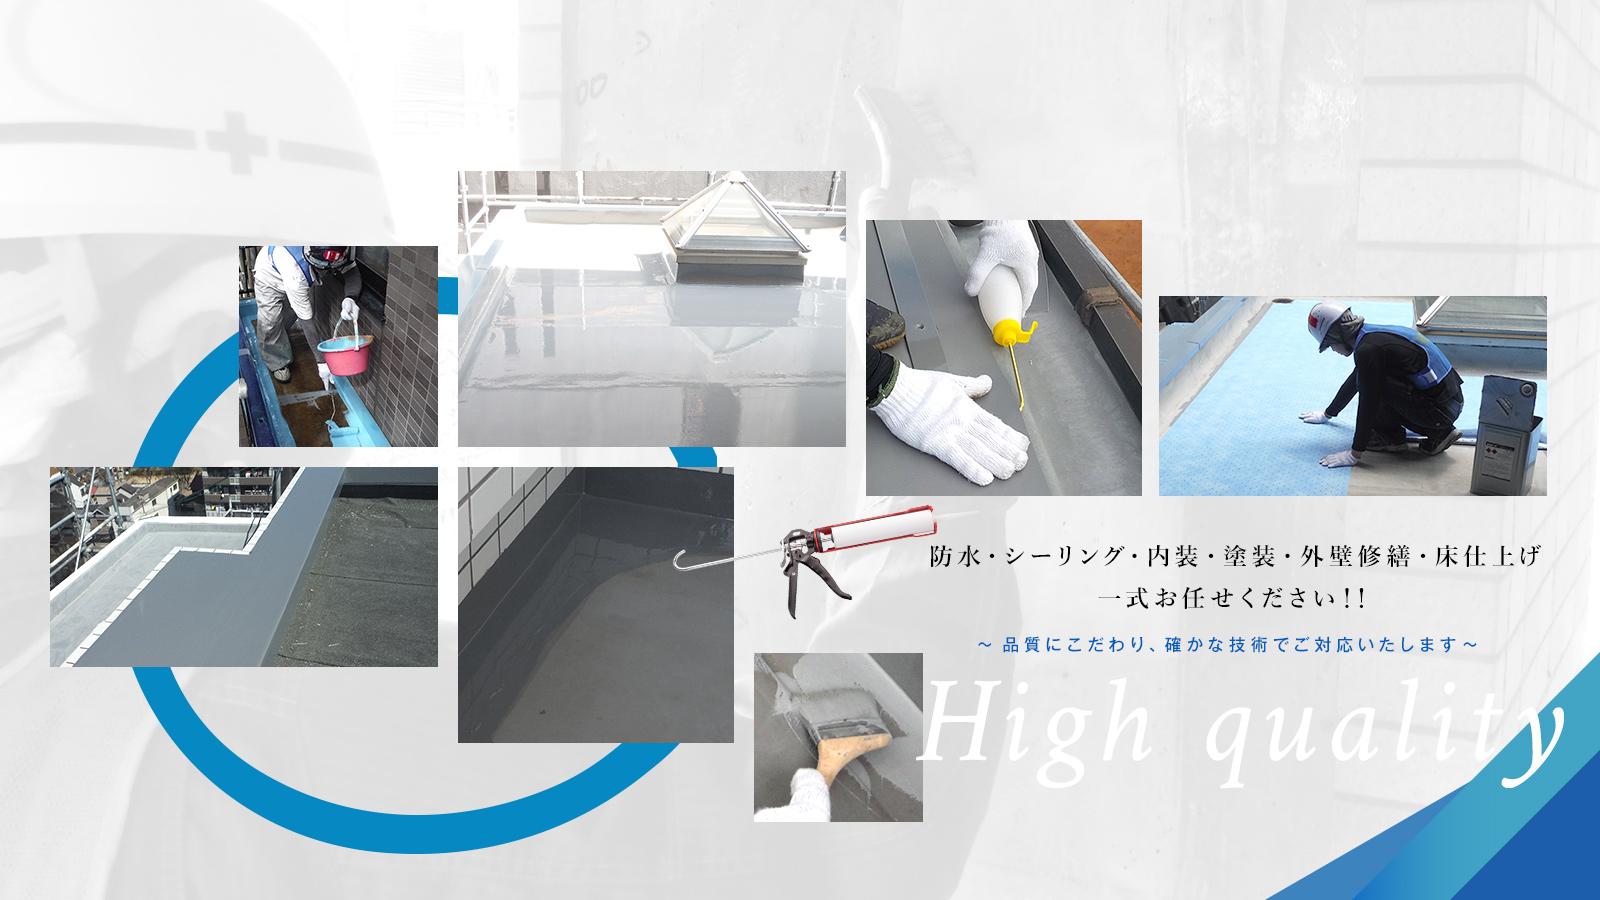 防水・シーリング・内装・塗装・外壁修繕・床仕上げ 一式お任せください!!